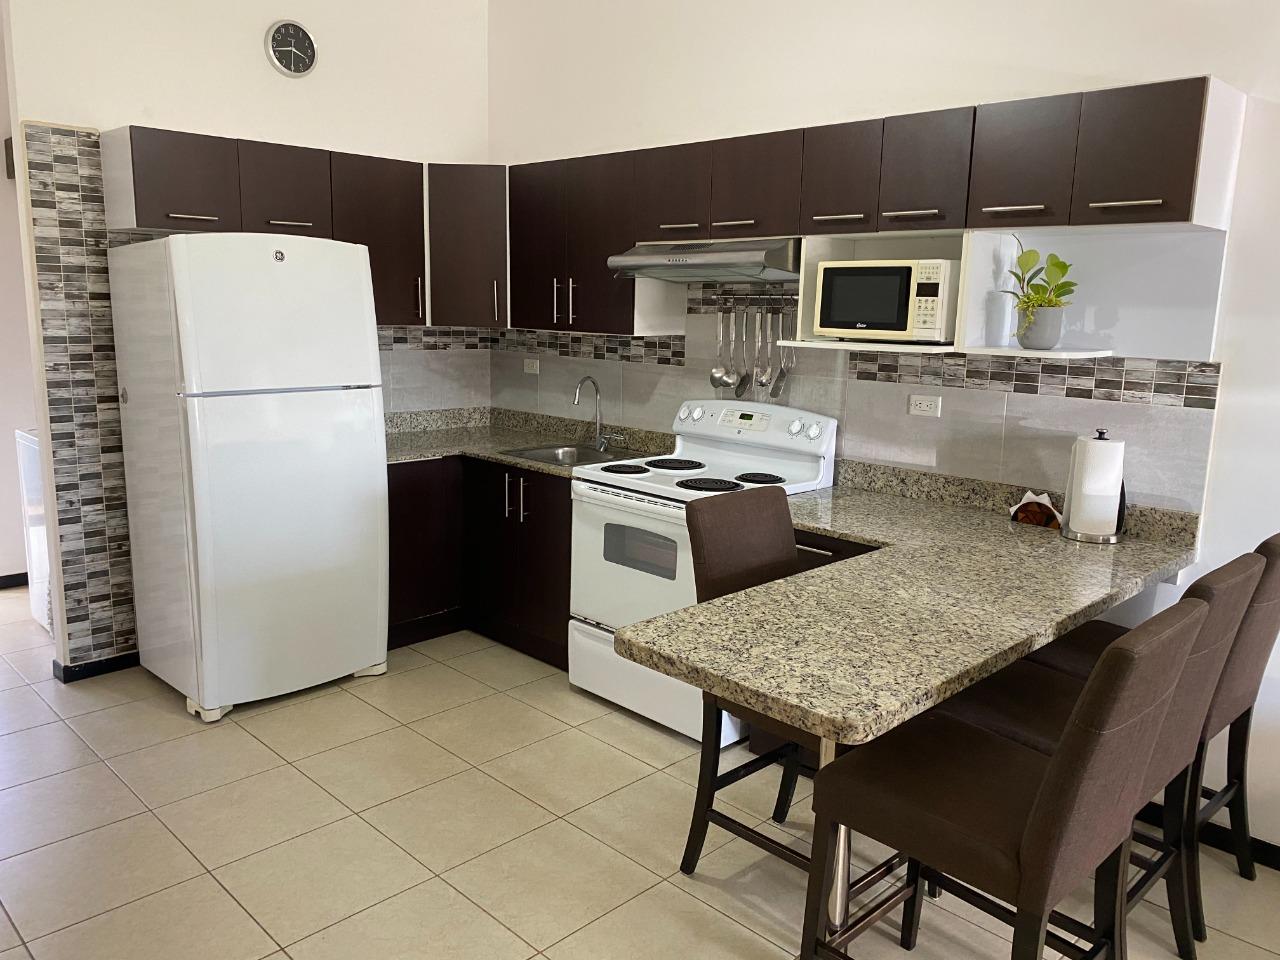 Venta de casa de 2 habitaciones ubicada en San Rafael de Alajuela